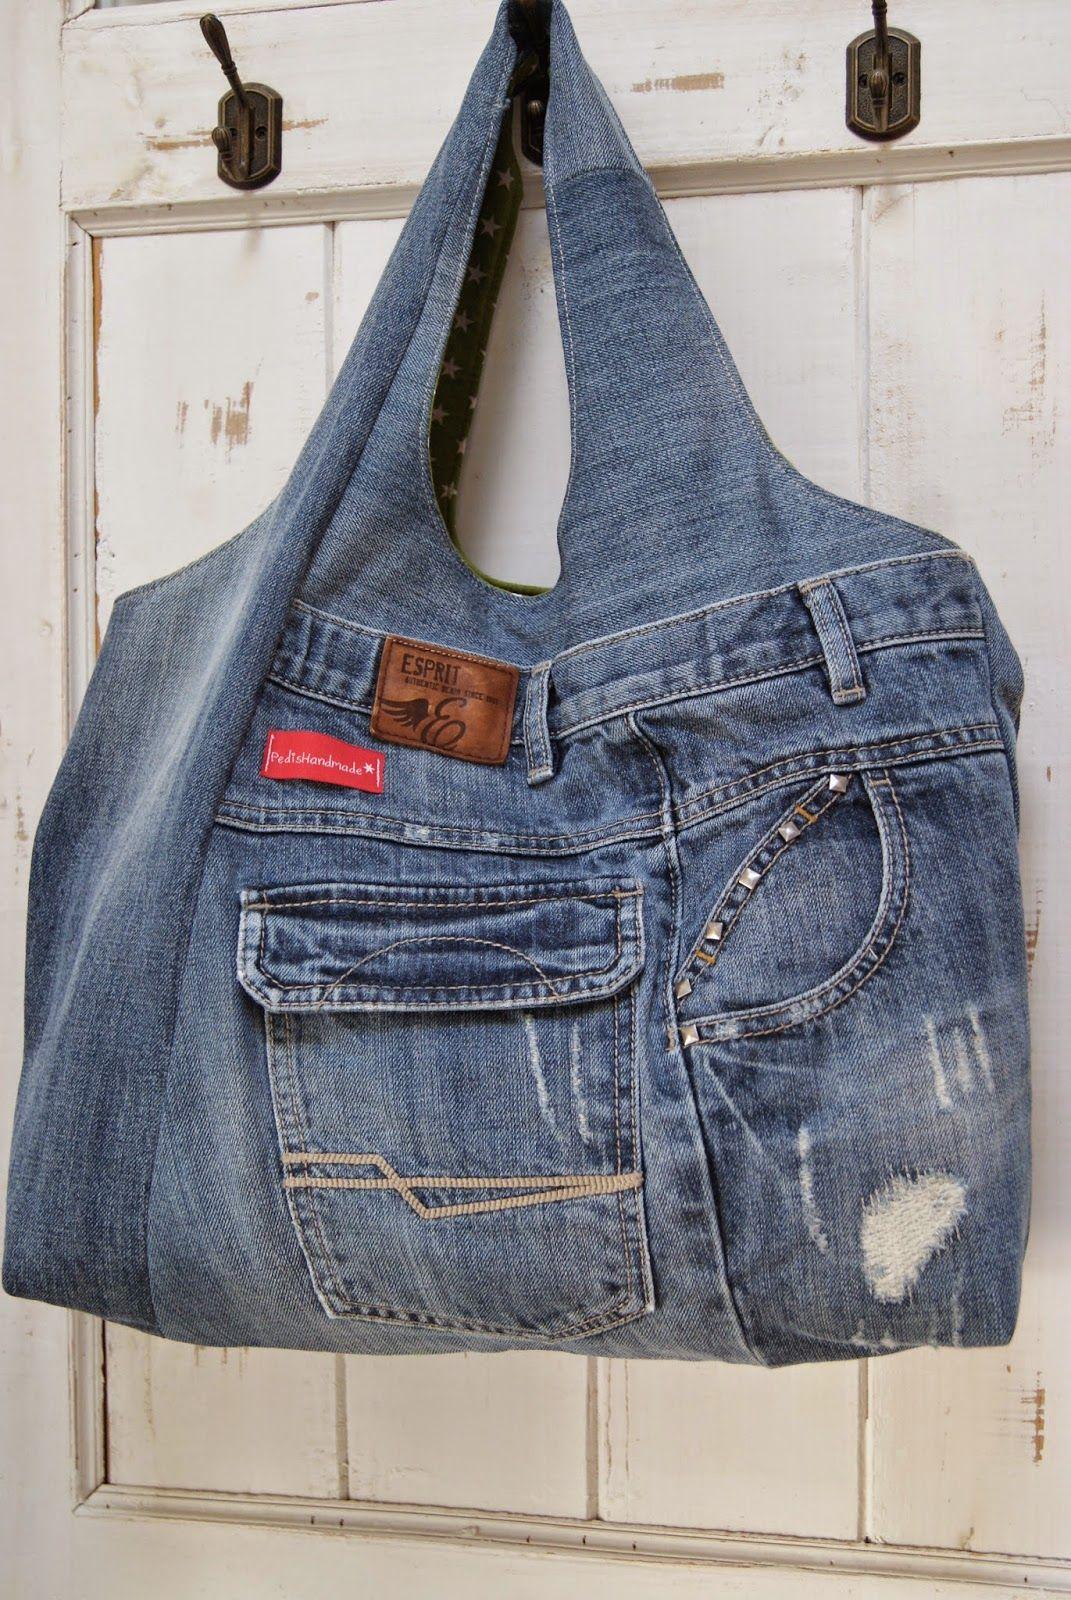 Vor einiger Zeit, zeigte Ute eine Charlie-Bag die sie aus einer ...